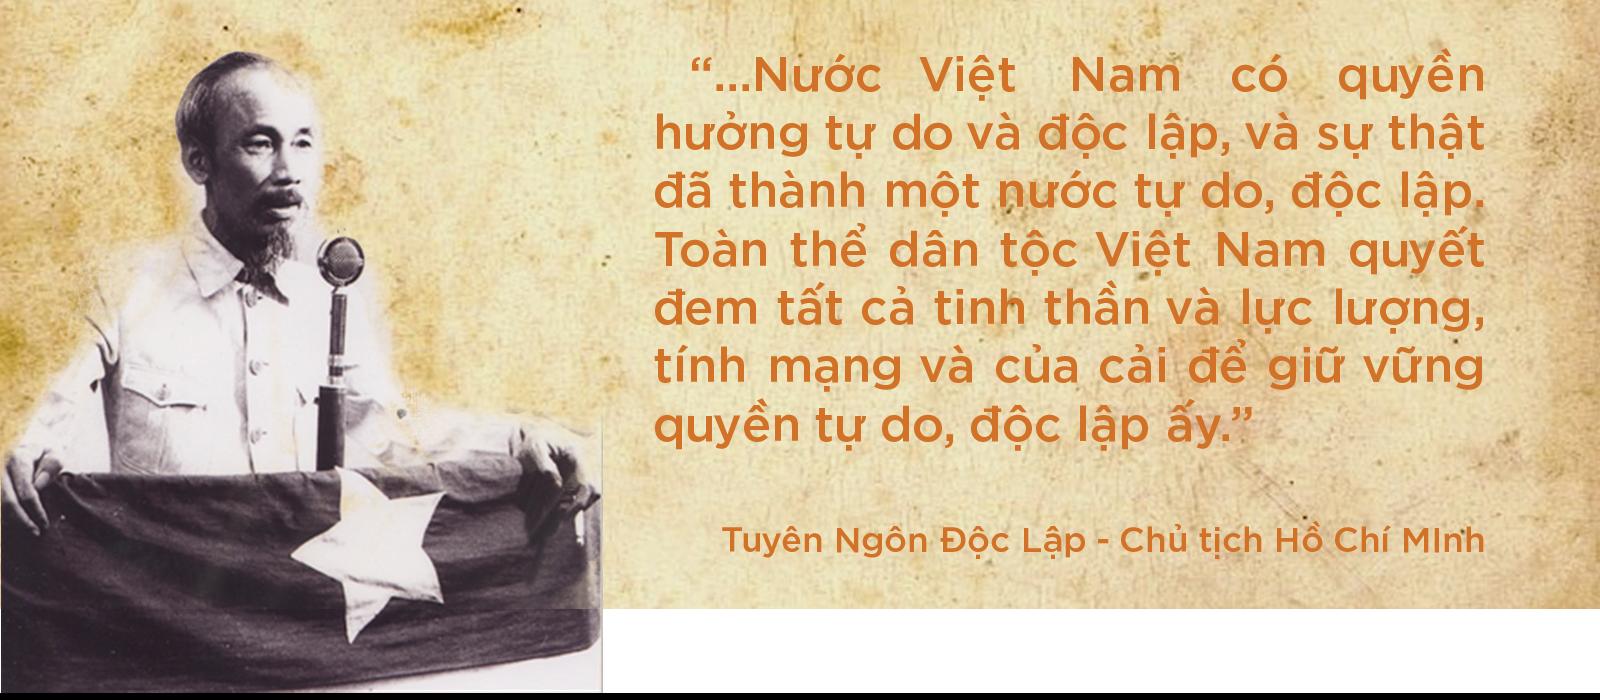 eMagazine: Ba ban Tuyen ngon doc lap bat hu trong lich su Viet Nam-Hinh-7